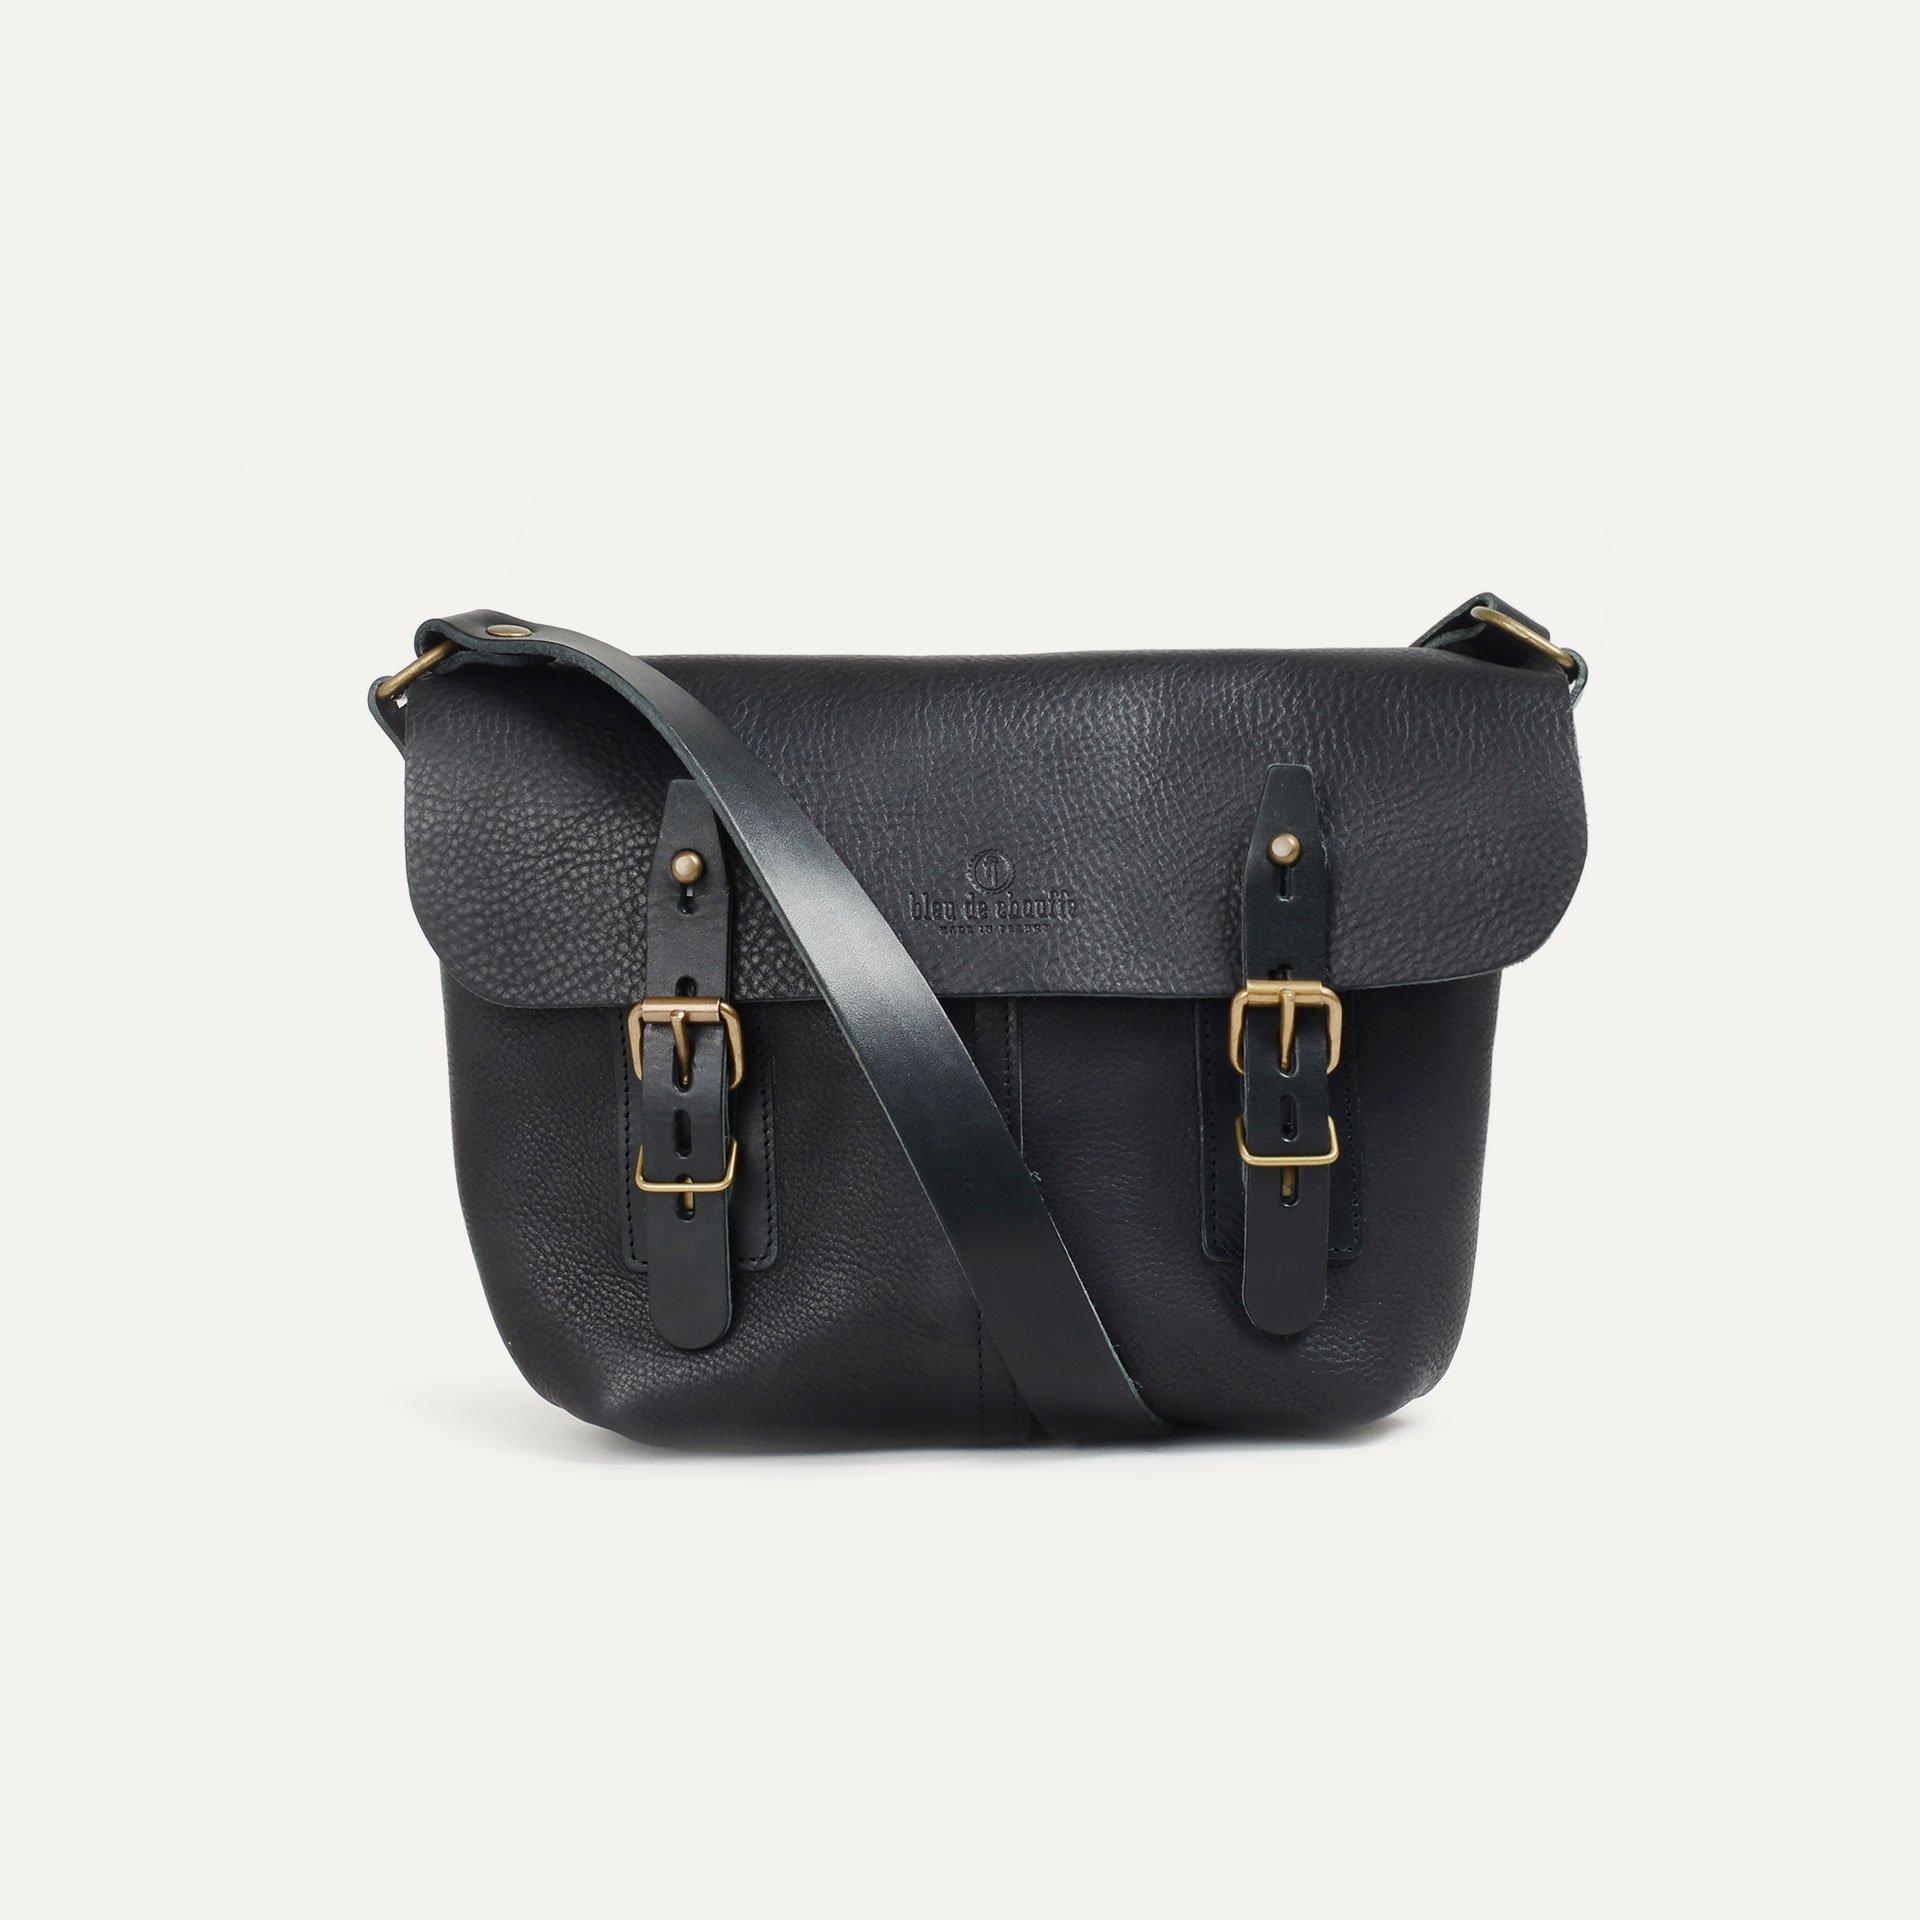 Louis Satchel bag - Black (image n°1)